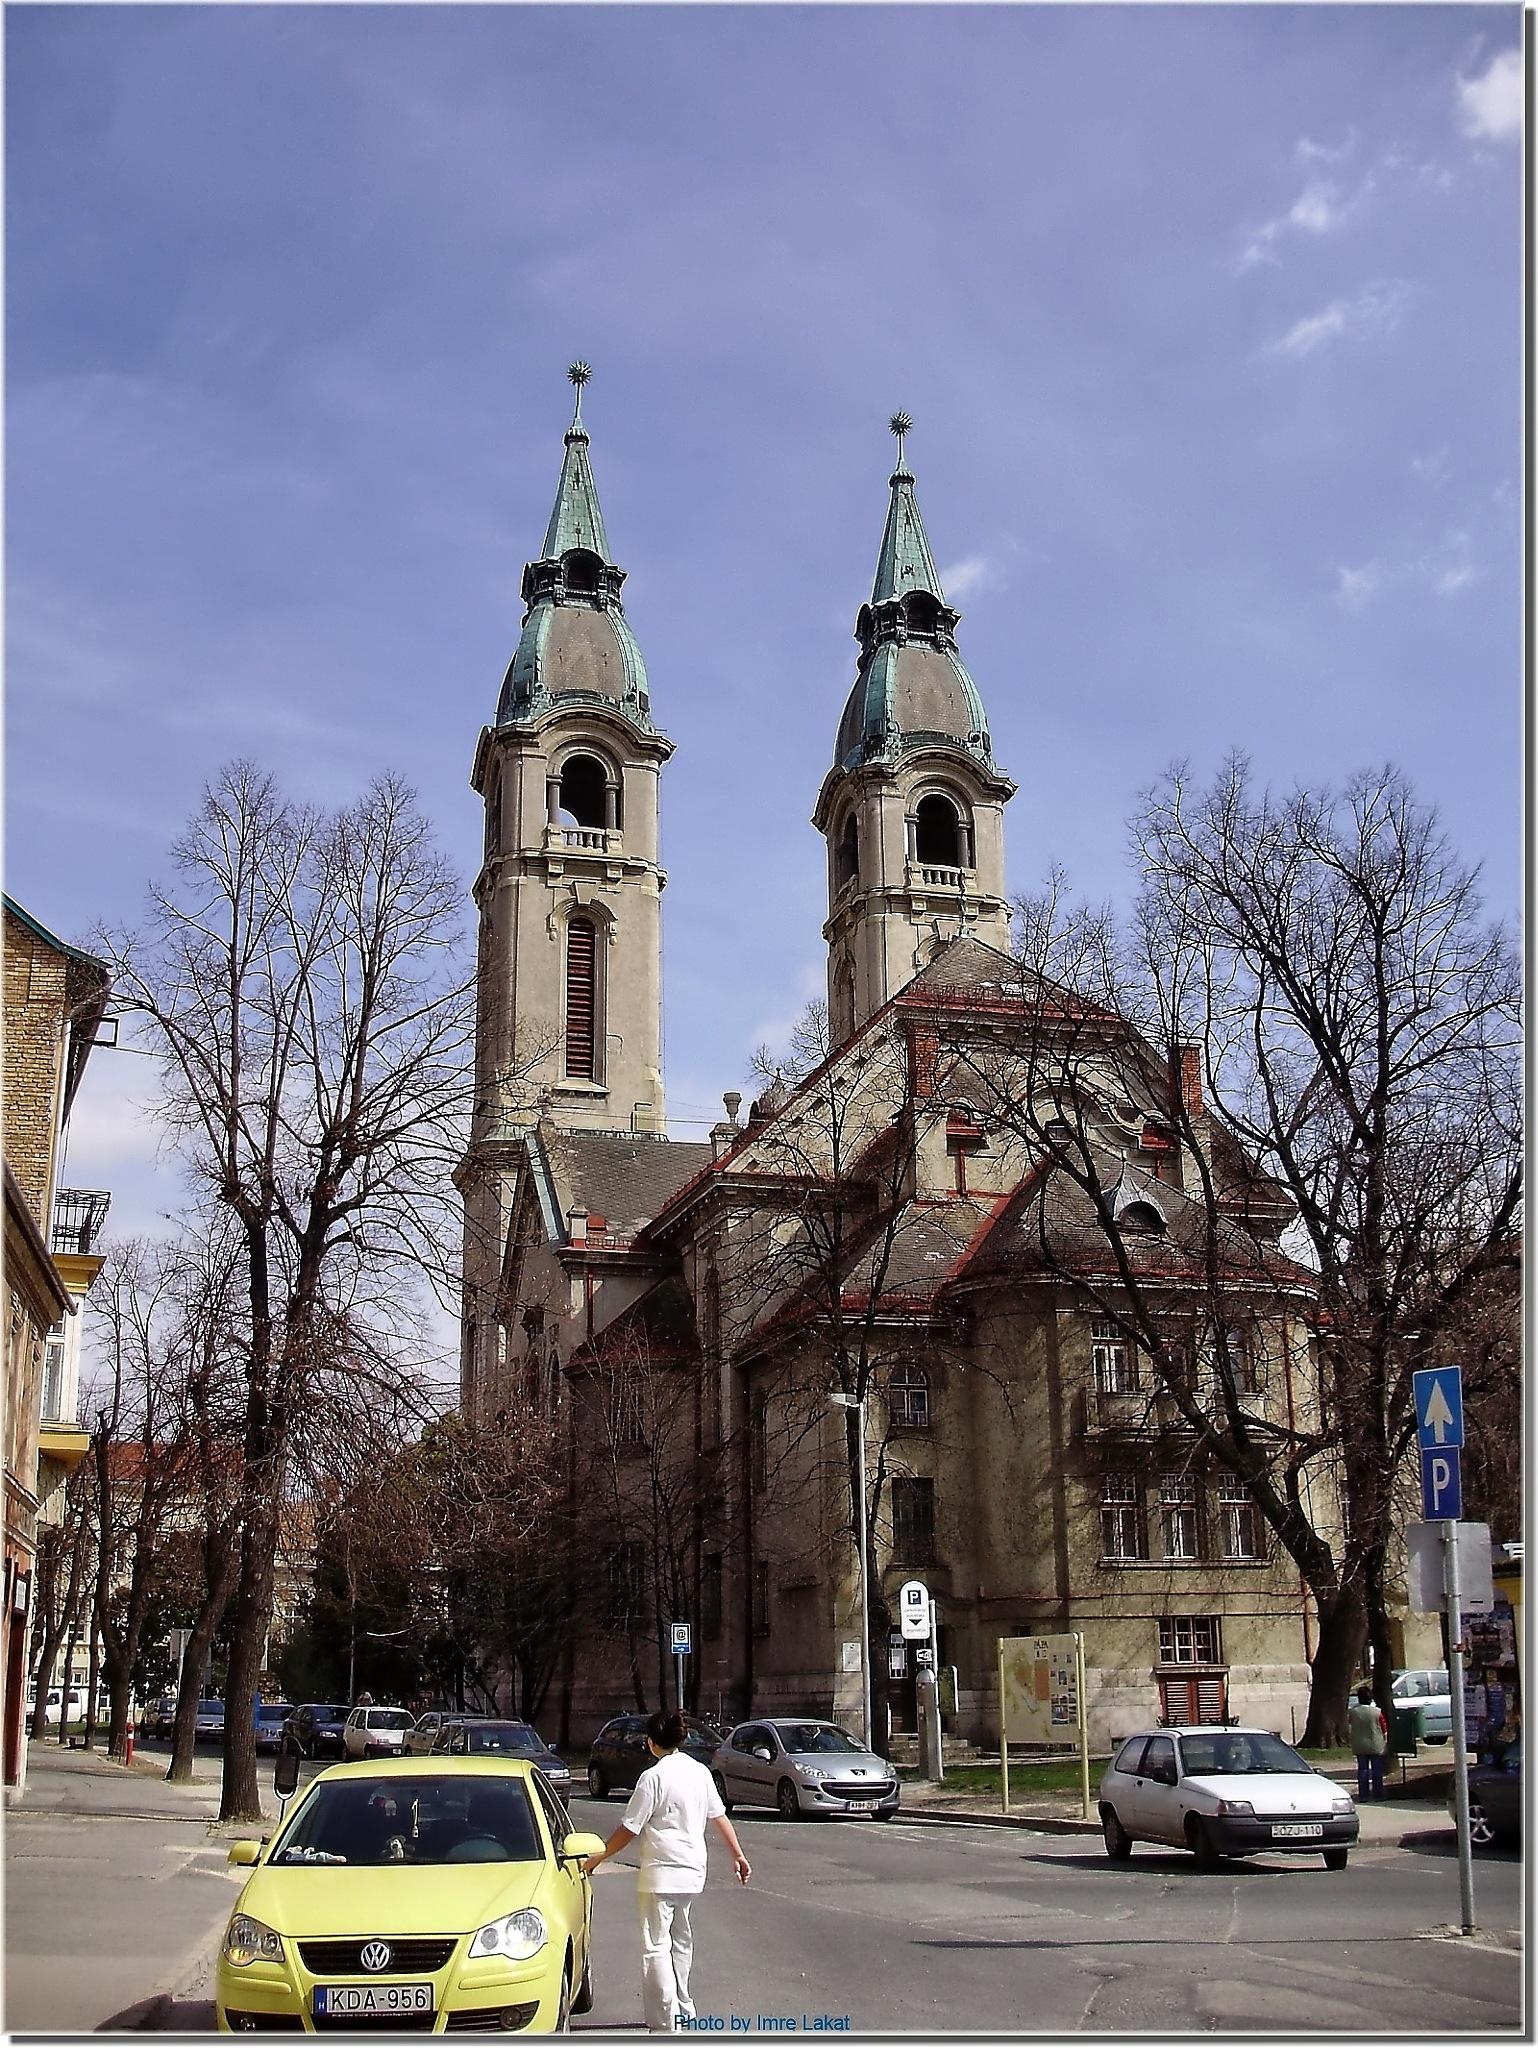 Reformierten Kirche . Református templom . Pápa, Március 15. tér 7, 8500 Magyarország by Imre Lakat